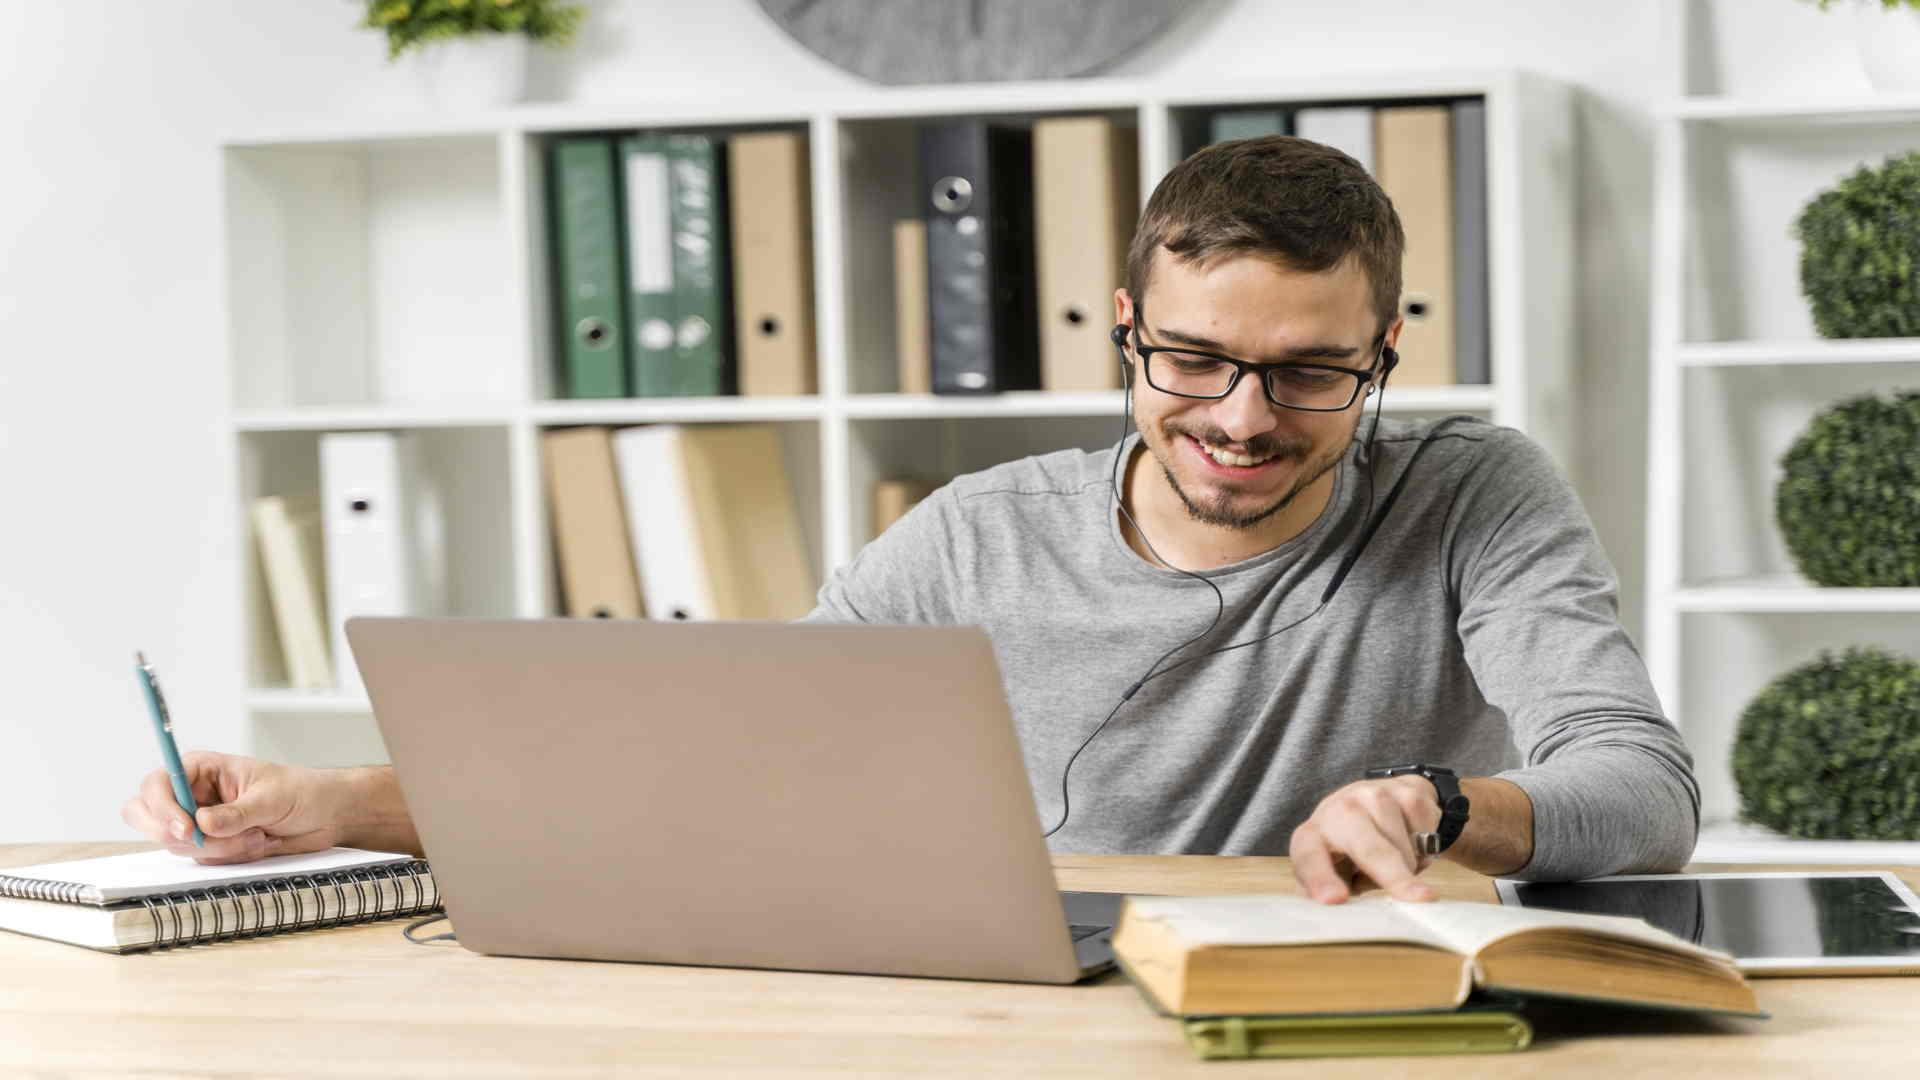 איך לשלב בין טיפוח קריירה ובין כתיבת עבודות אקדמיות